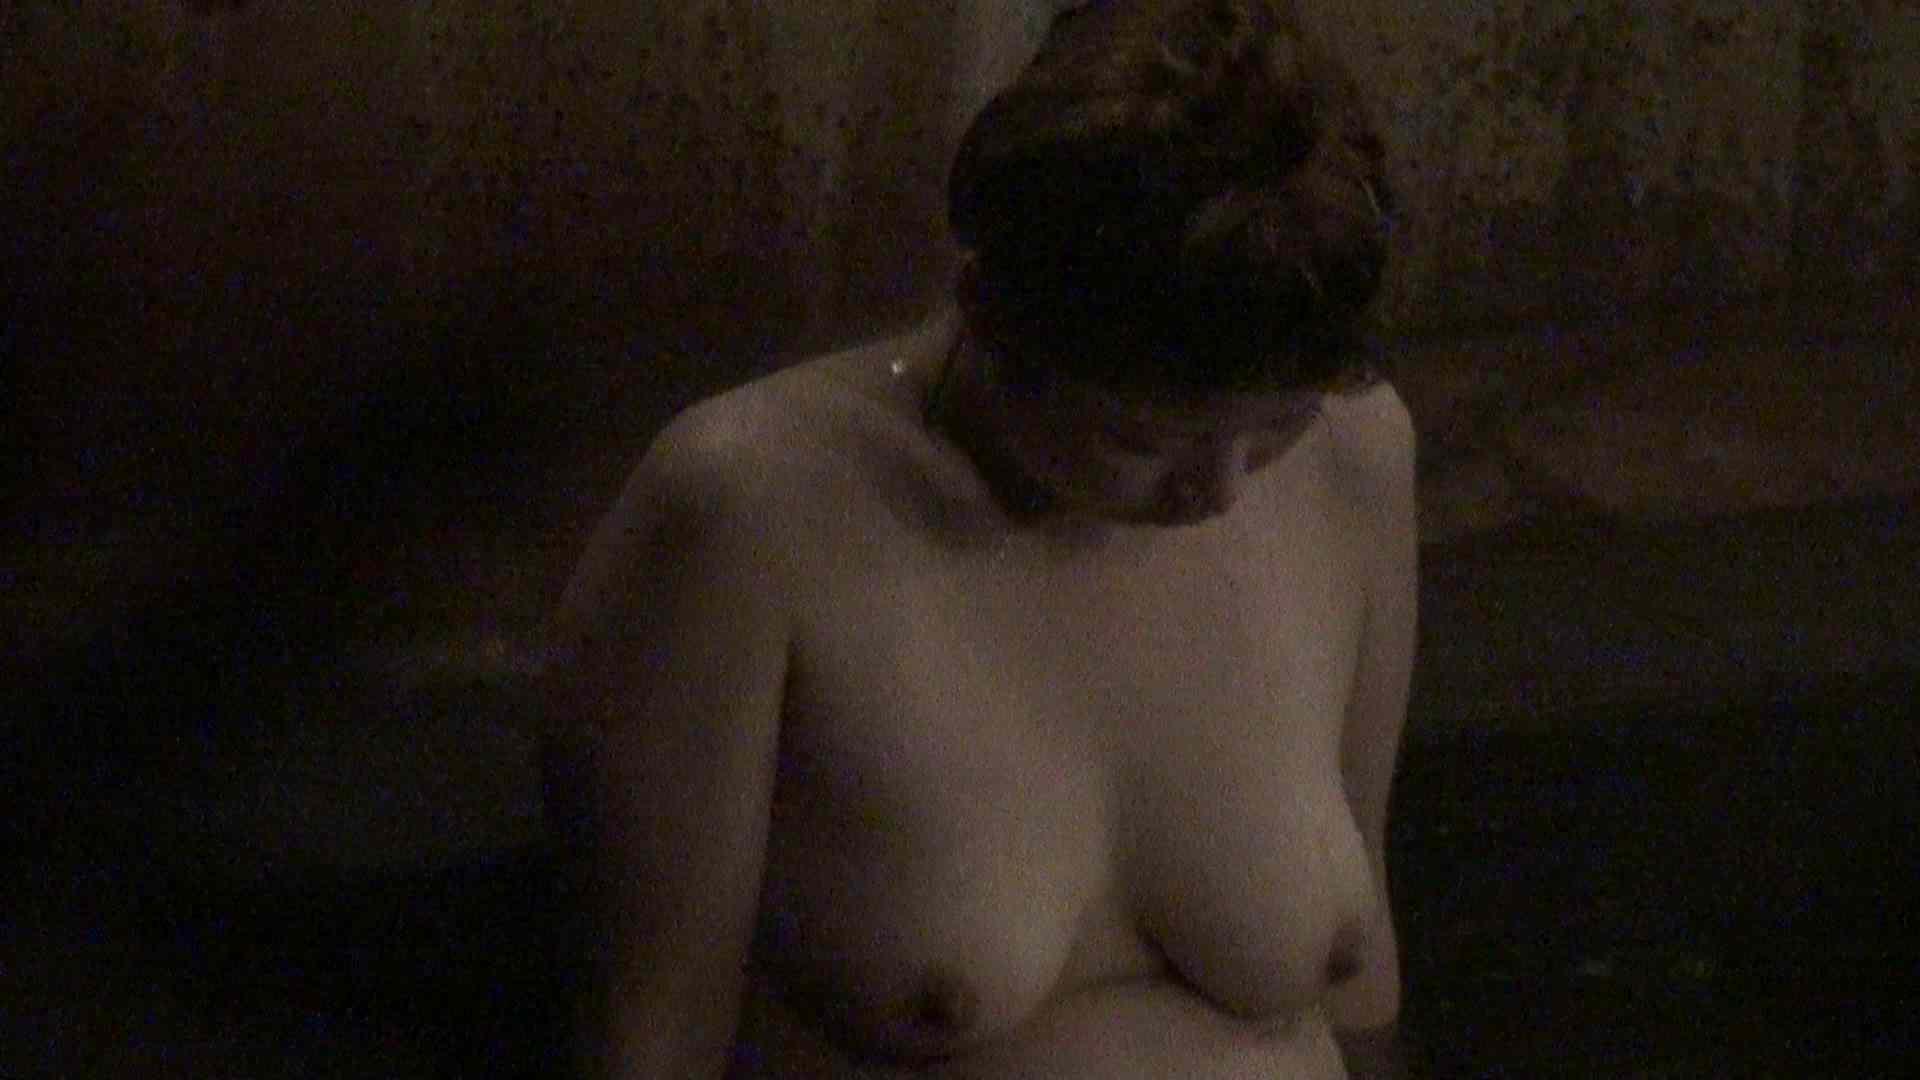 Aquaな露天風呂Vol.377 美しいOLの裸体 盗み撮り動画キャプチャ 105pic 98